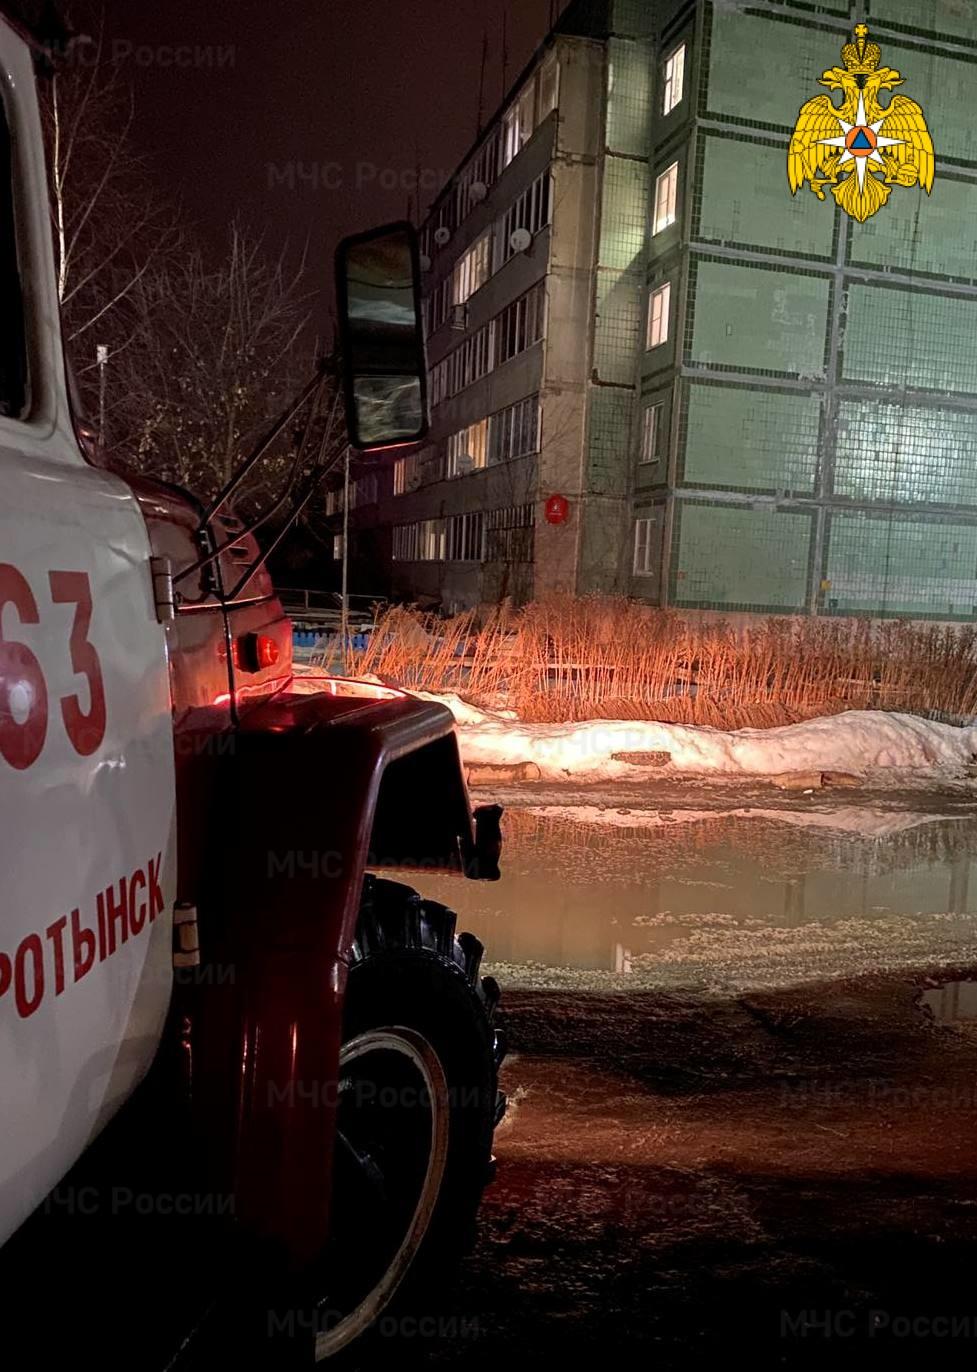 Спасатели МЧС принимали участие в ликвидации ДТП в Бабынинском районе, п. Воротынск, ул. Школьная